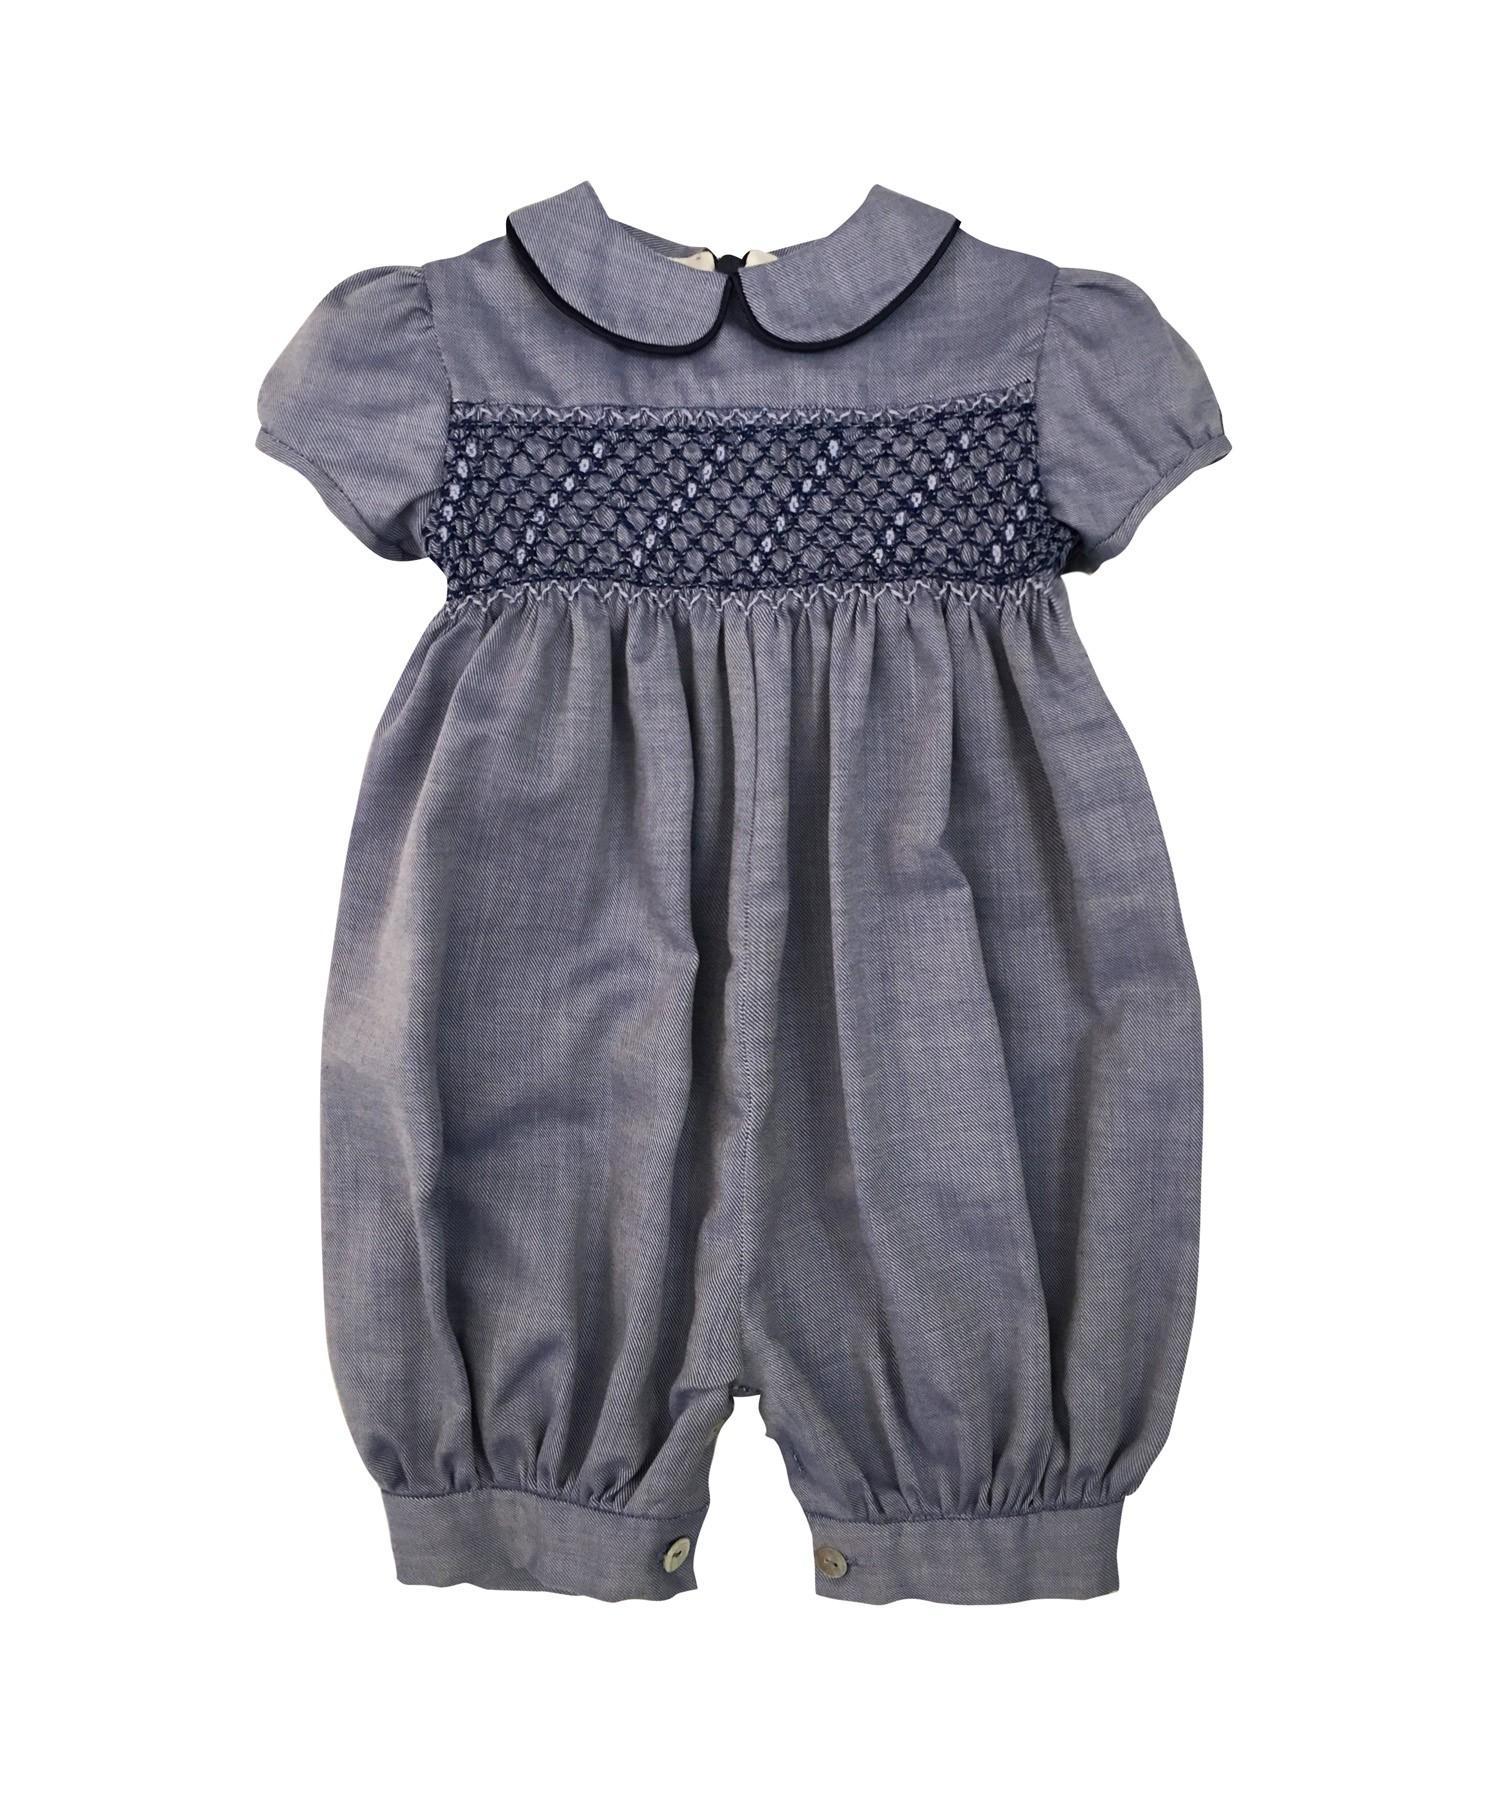 Famoso Abbigliamento per neonato e baby - Anichini AJ79